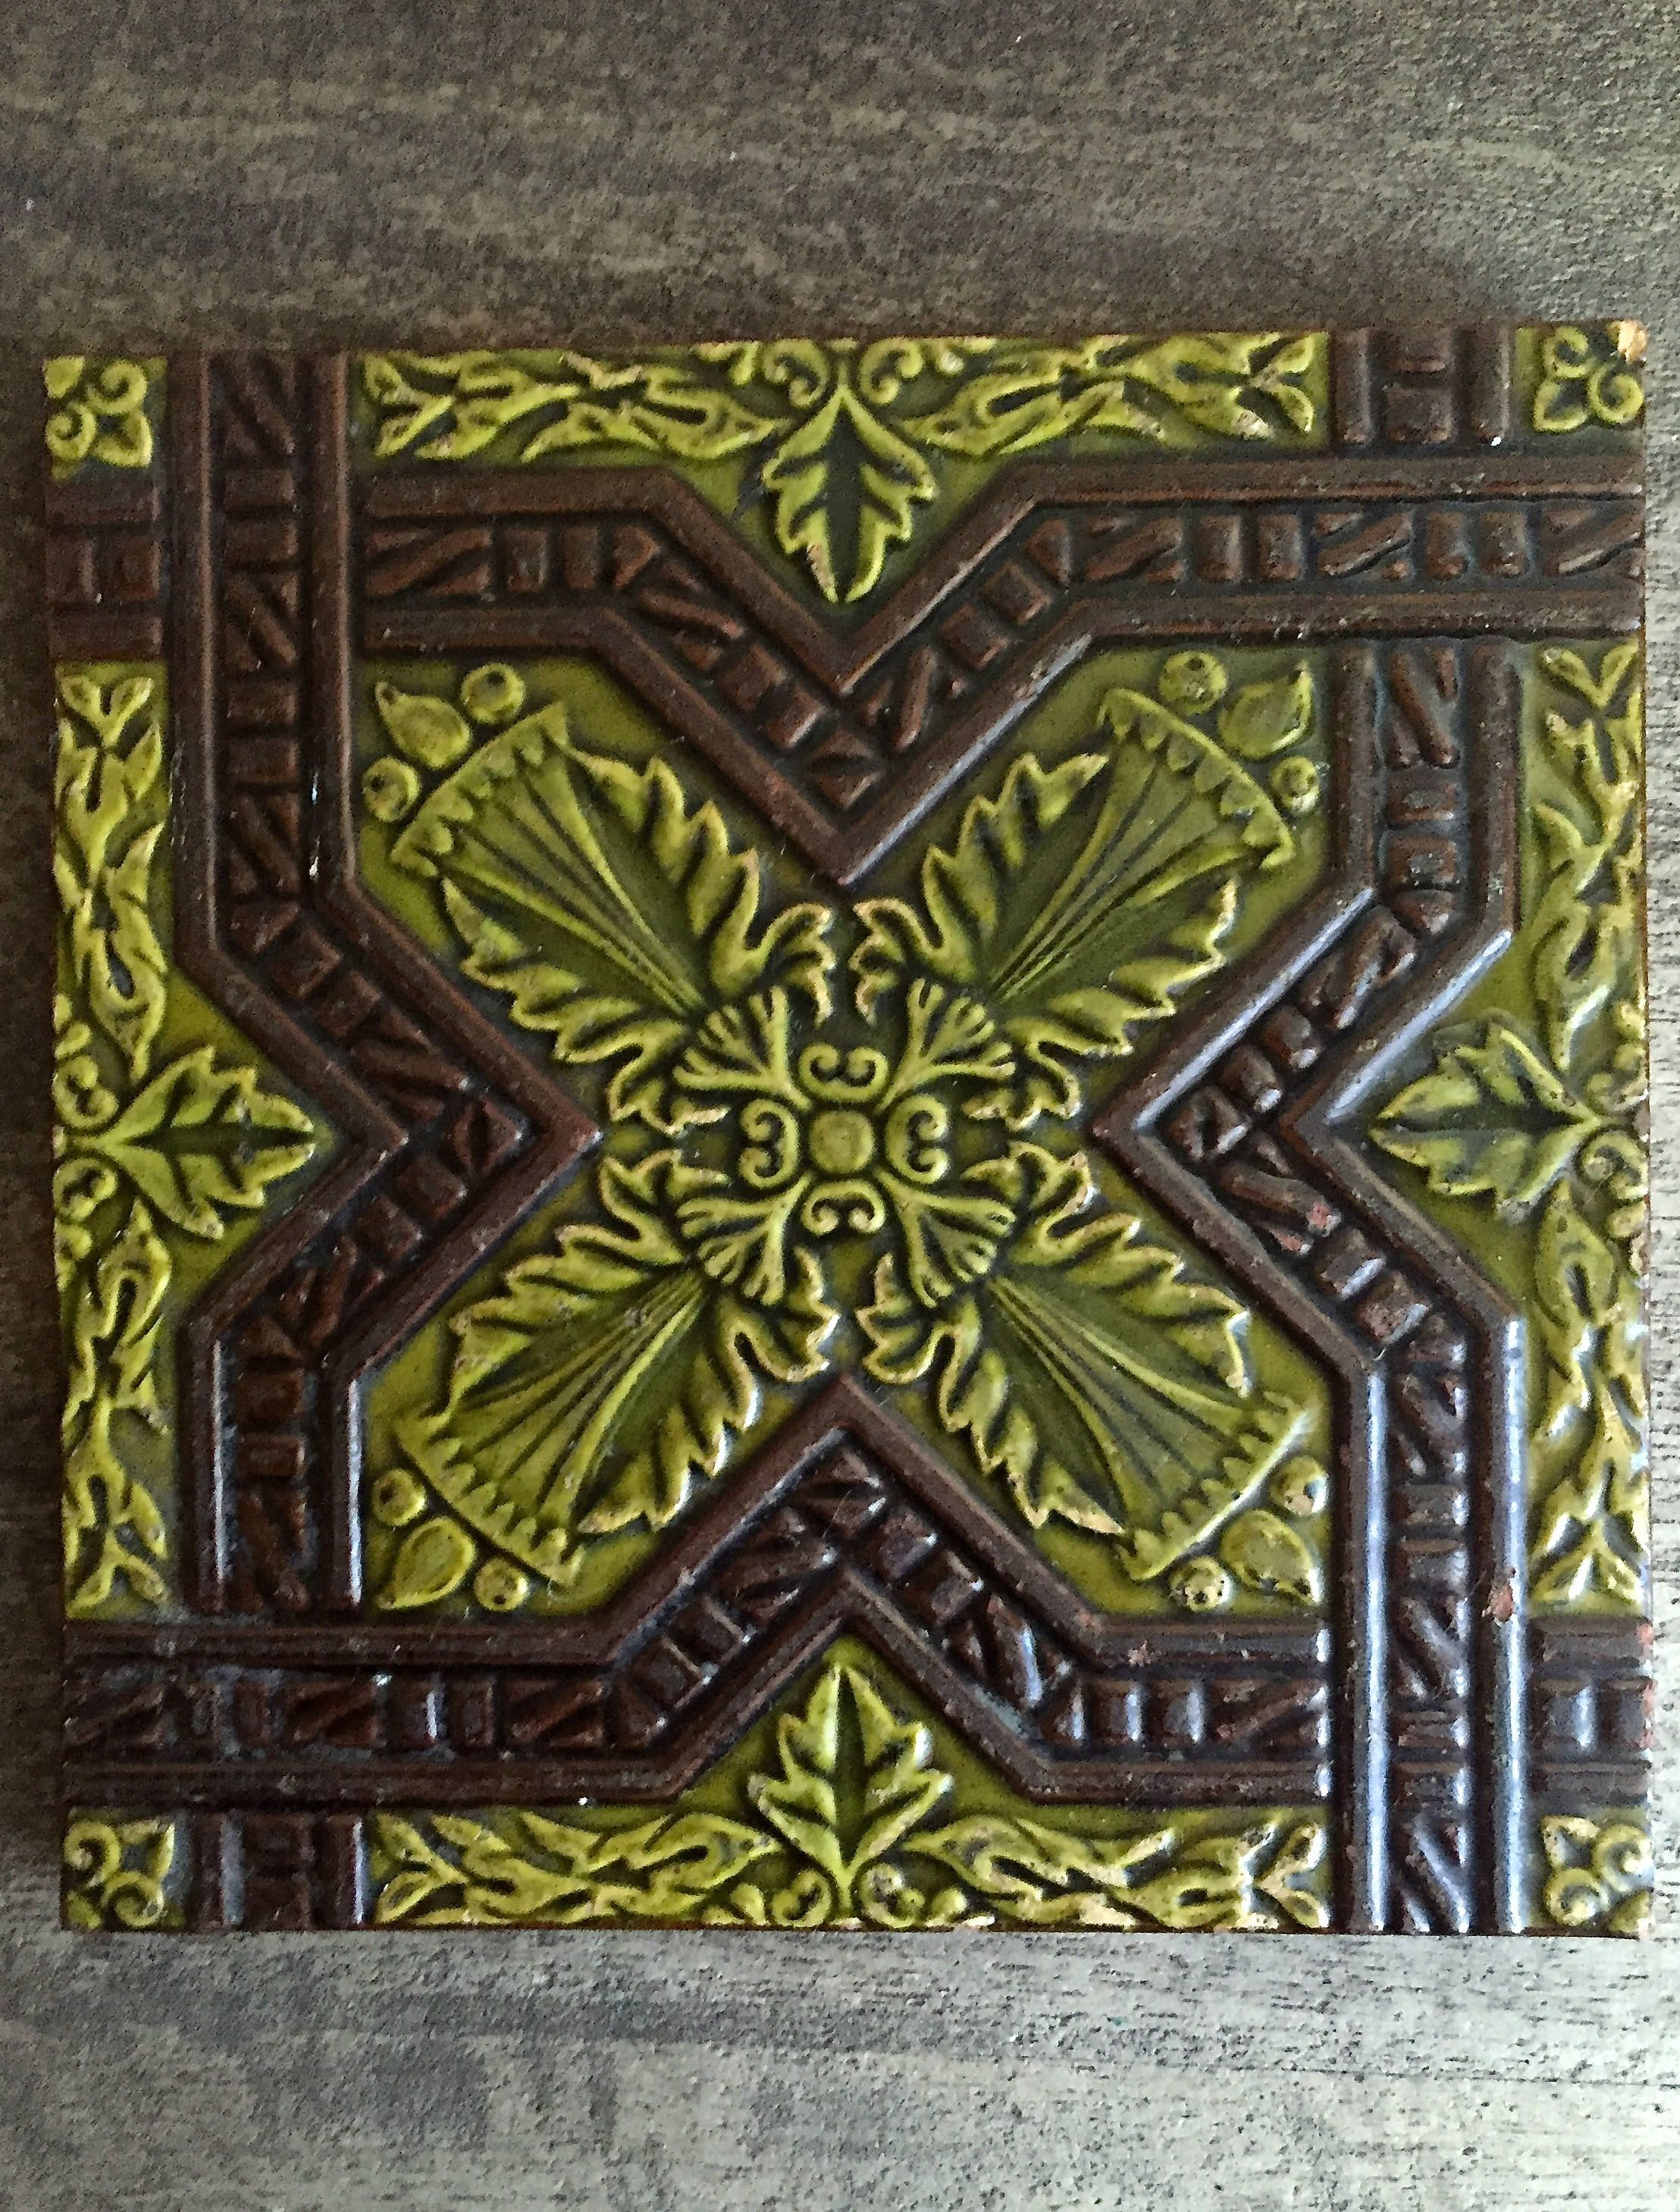 edwardian restoration antique tiles register ward fireplaces tiled fireplace